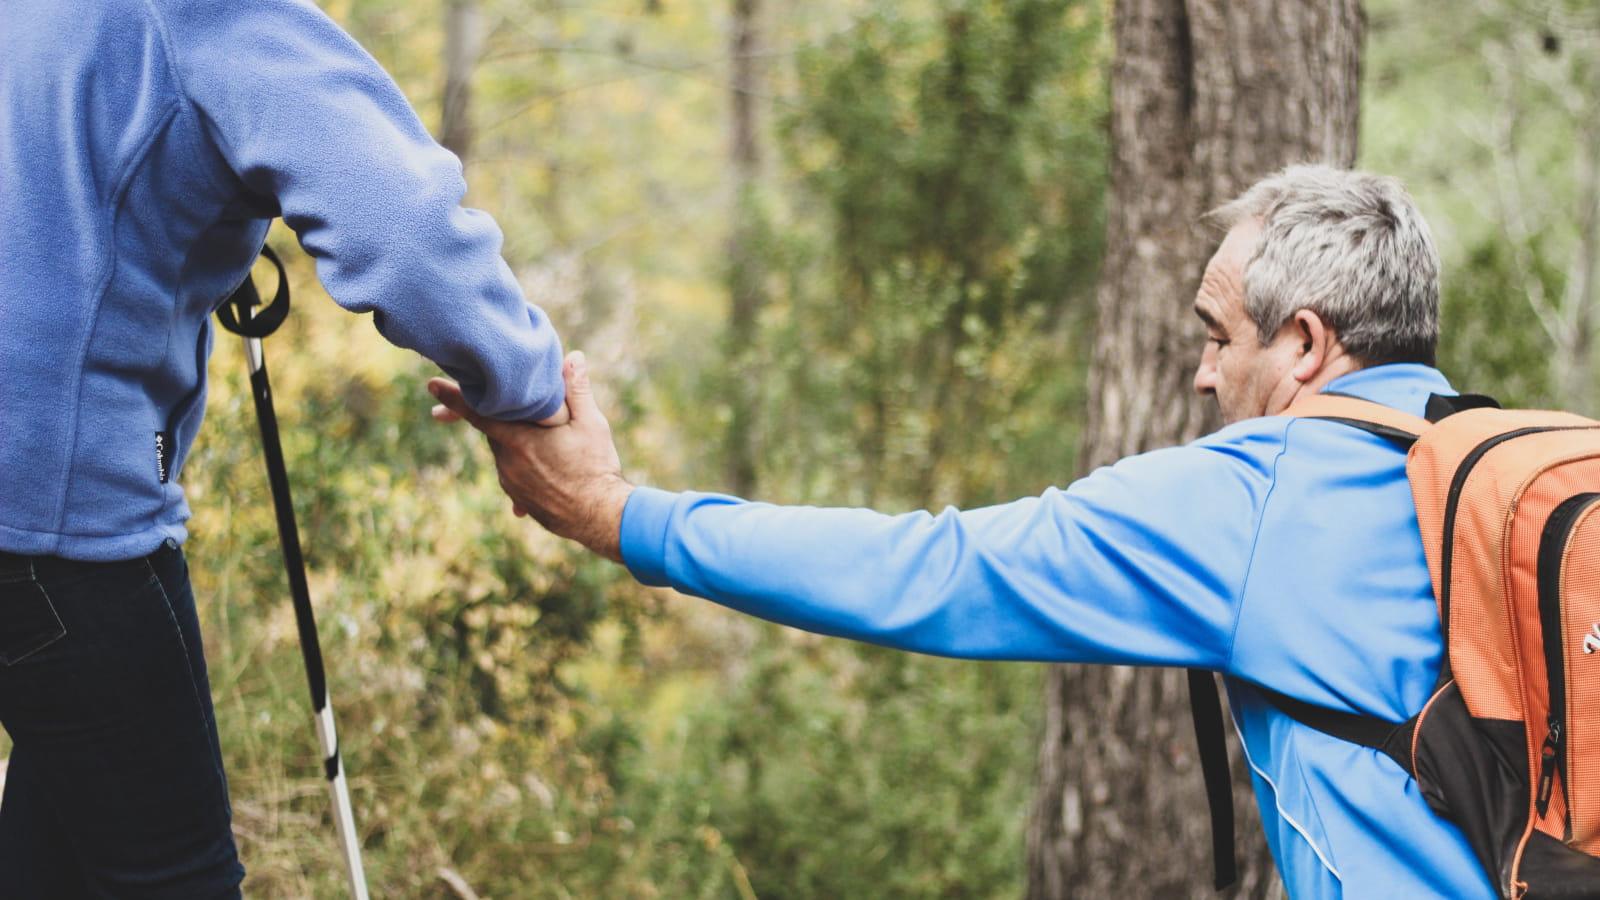 Homme en train d'en aider un autre lors d'une randonnée en forêt